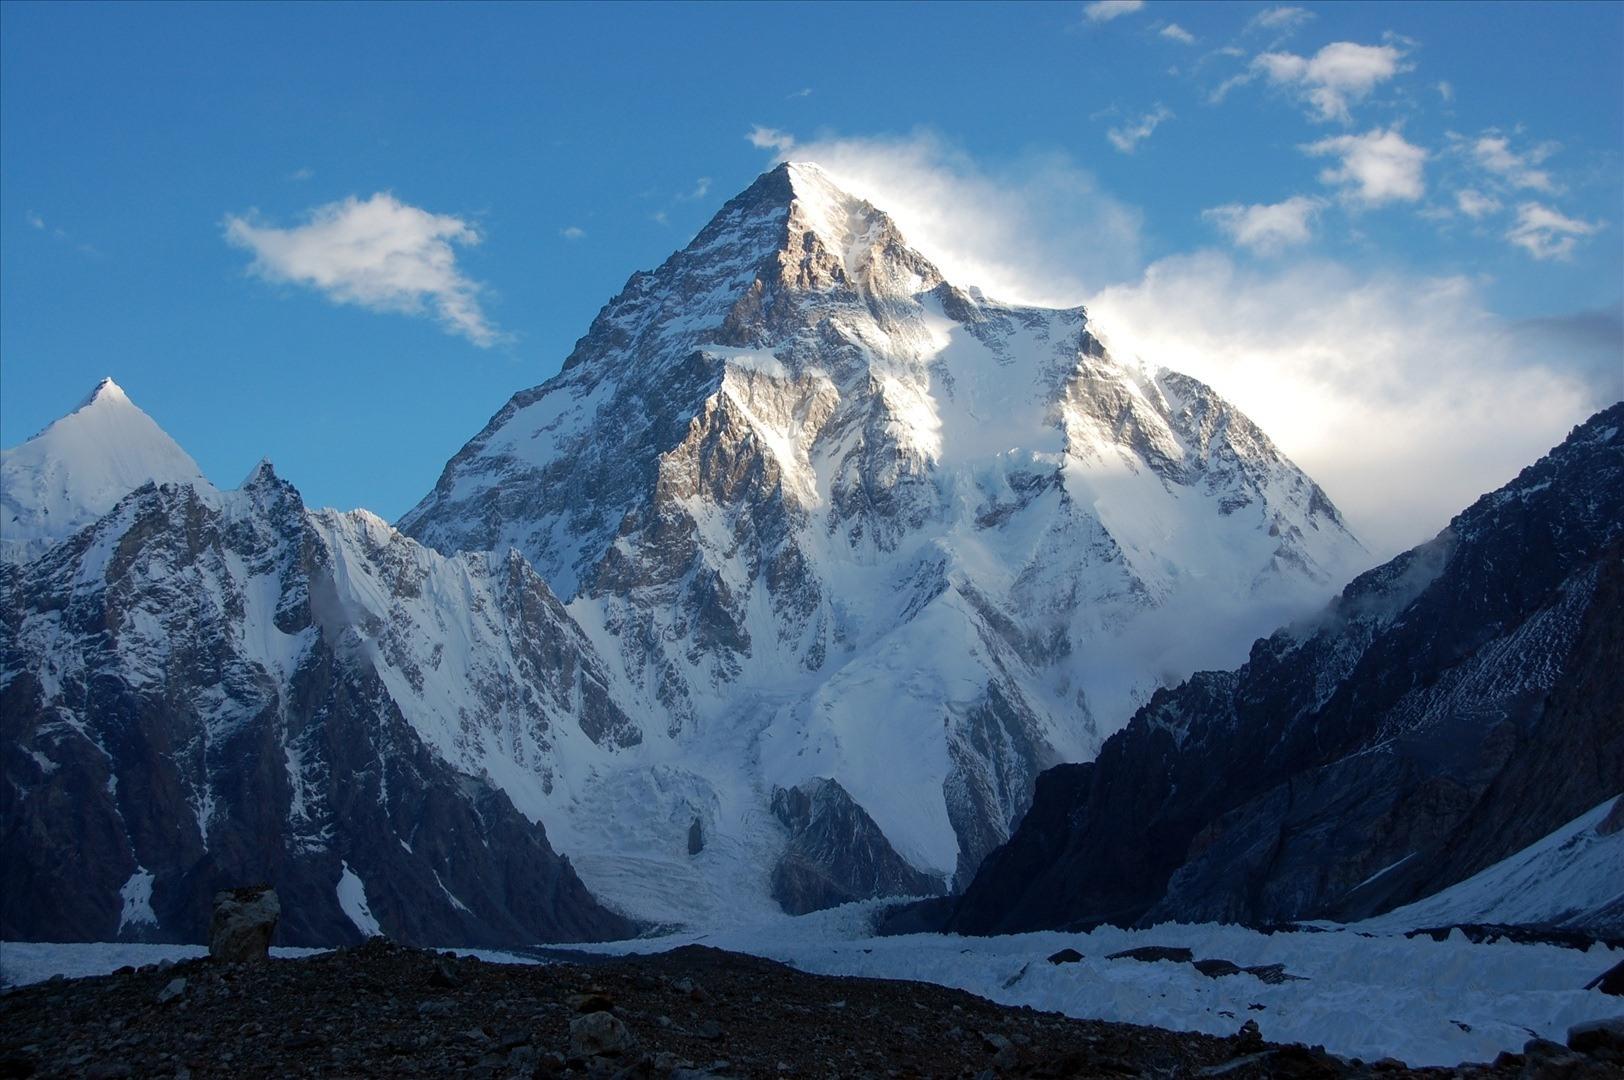 alcuni cenni sul k2, la seconda montagna più alta del mondo. - go